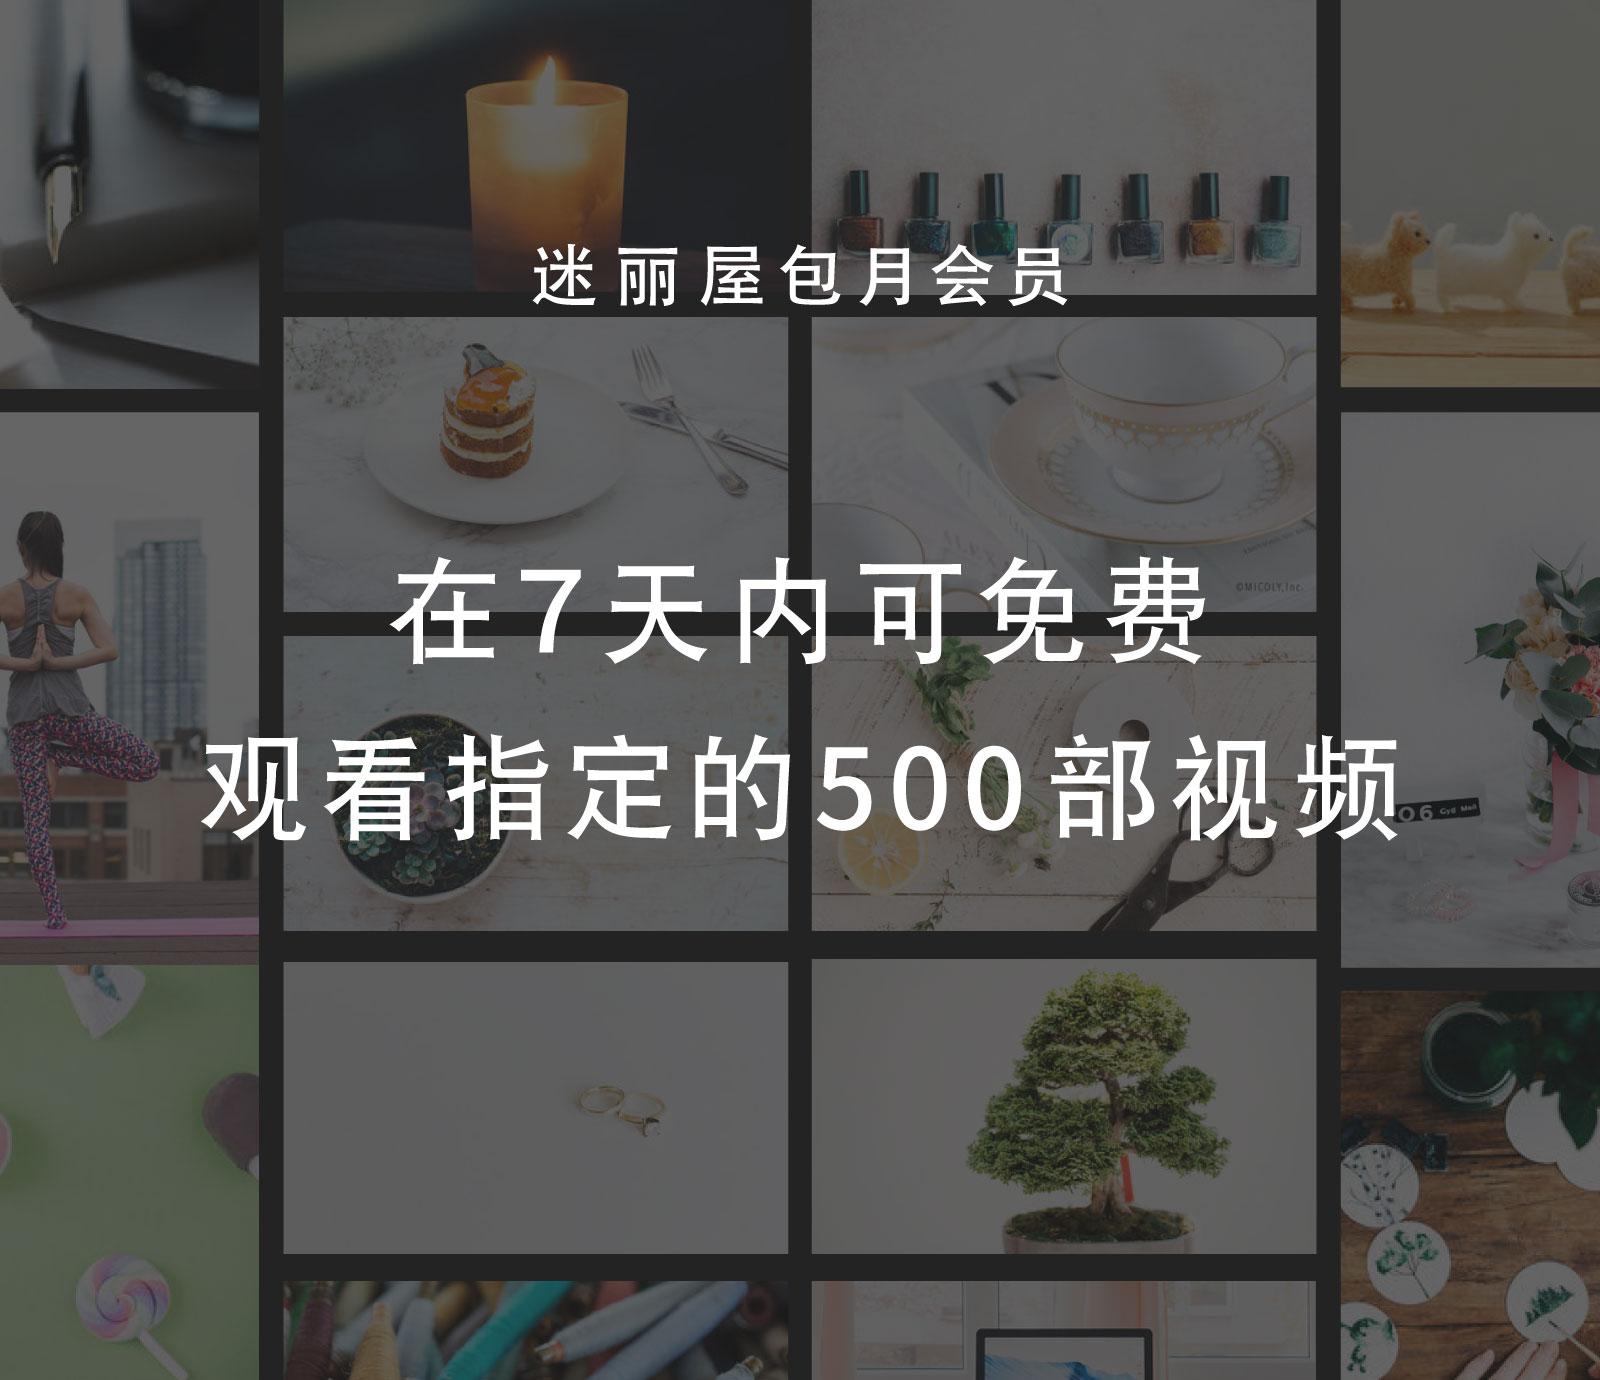 Premium top sp2 free 7days cn